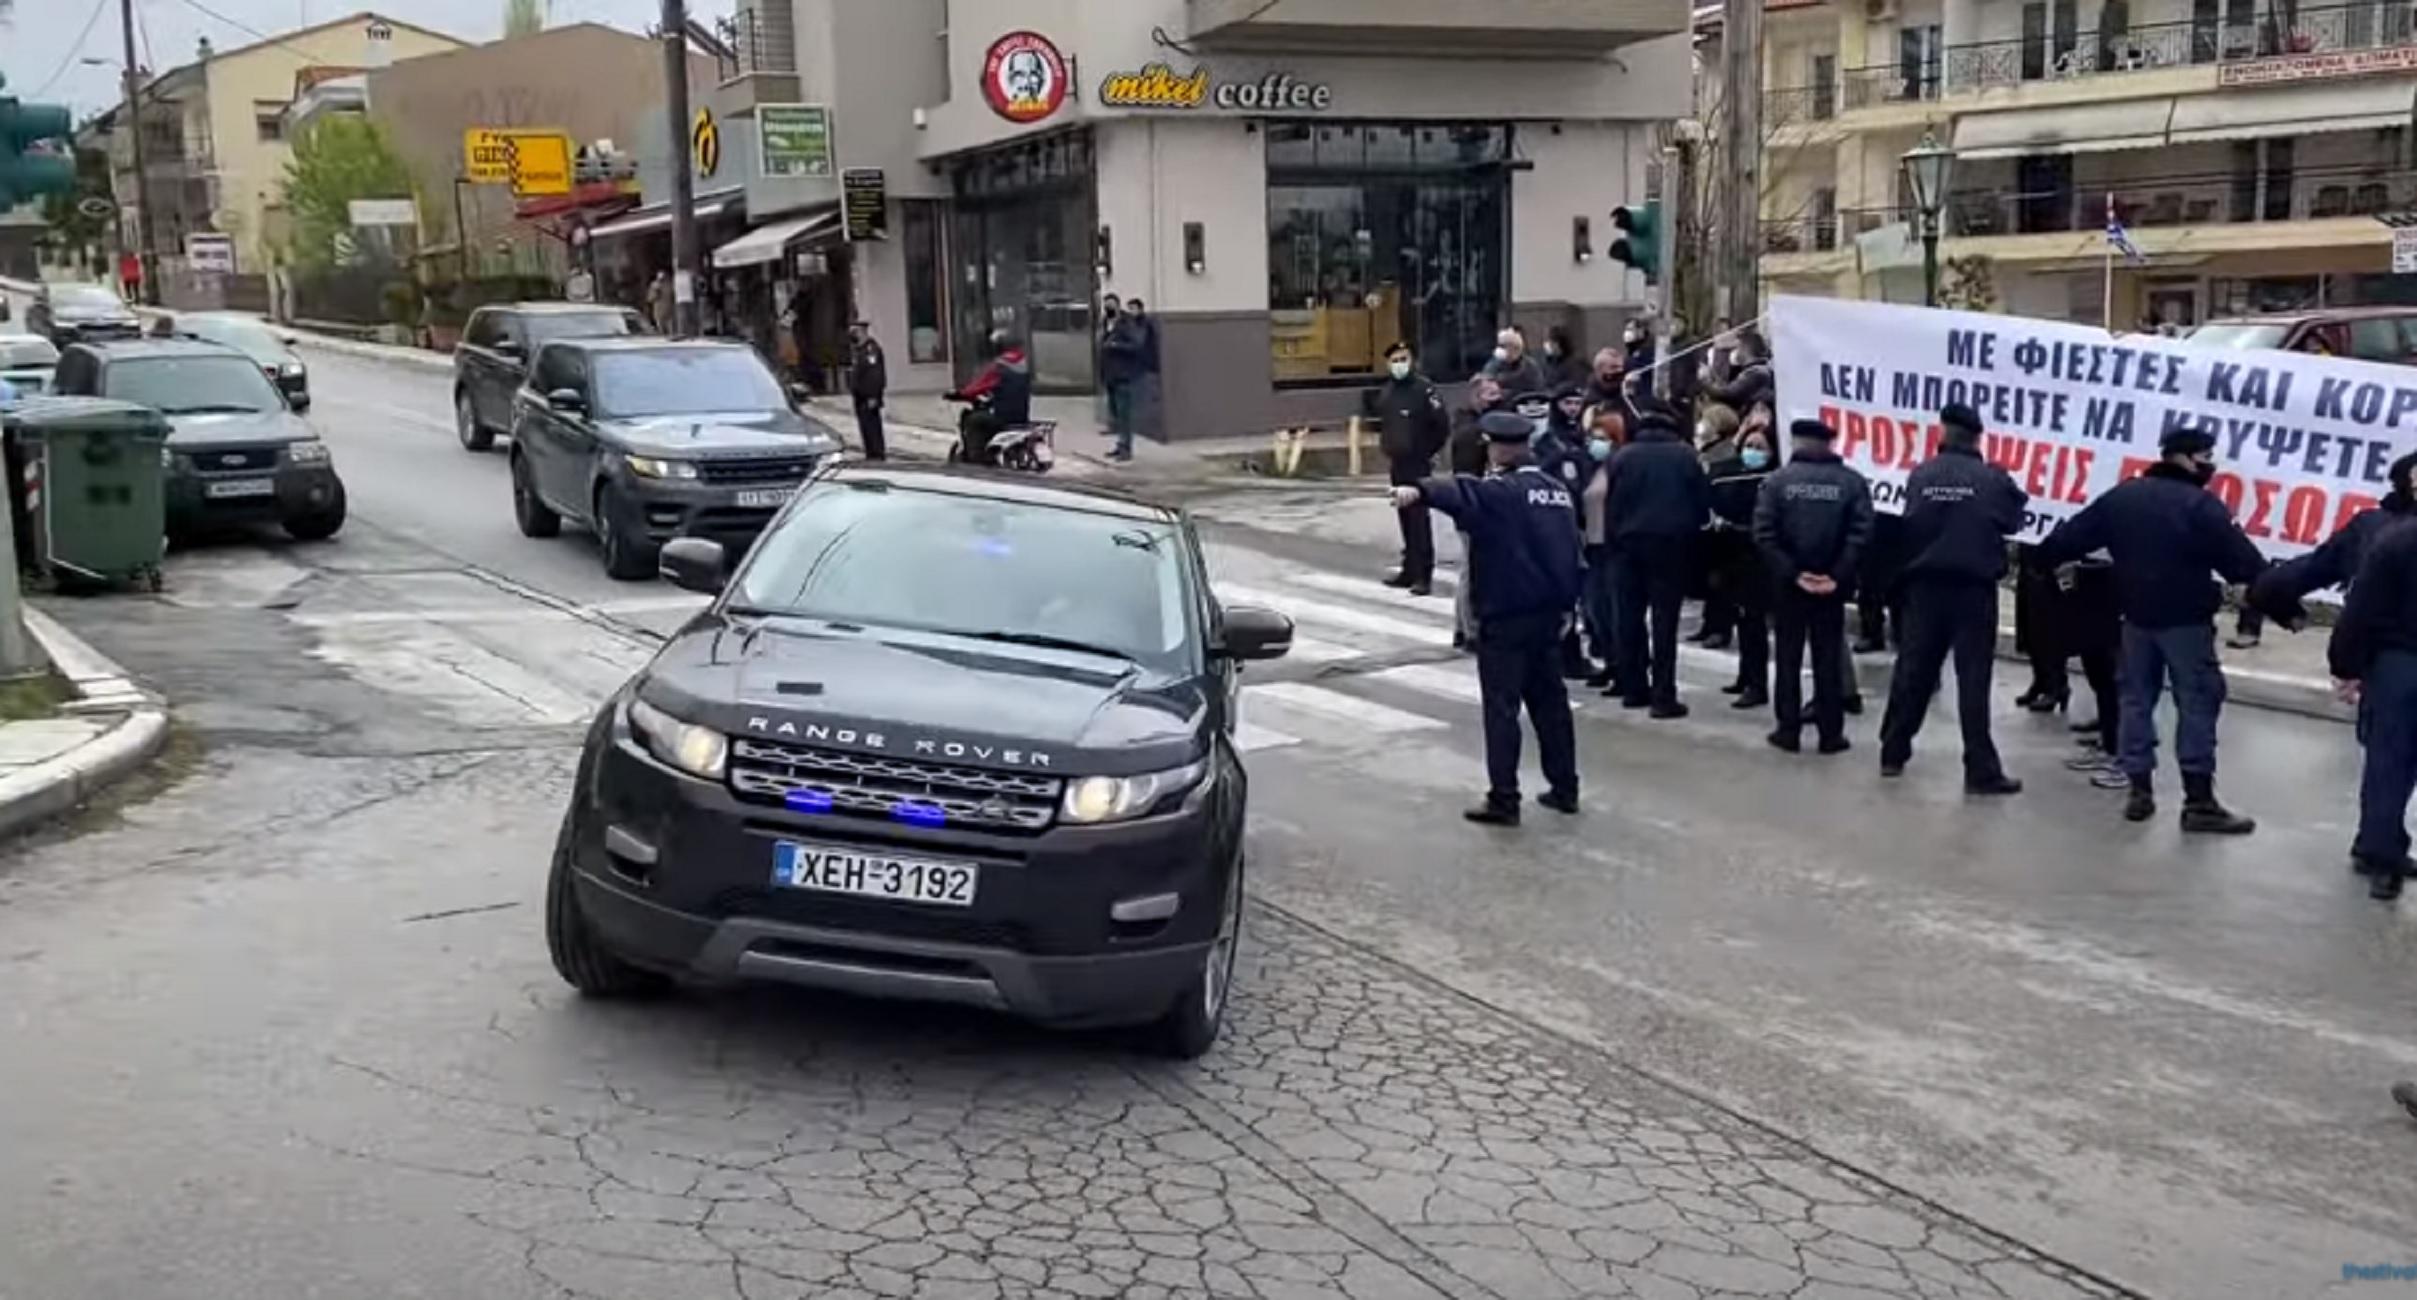 Θεσσαλονίκη: «Θερμή» υποδοχή στον Κυριάκο Μητσοτάκη – Δείτε τι έγινε όταν πέρασε η αυτοκινητοπομπή του πρωθυπουργού (video)